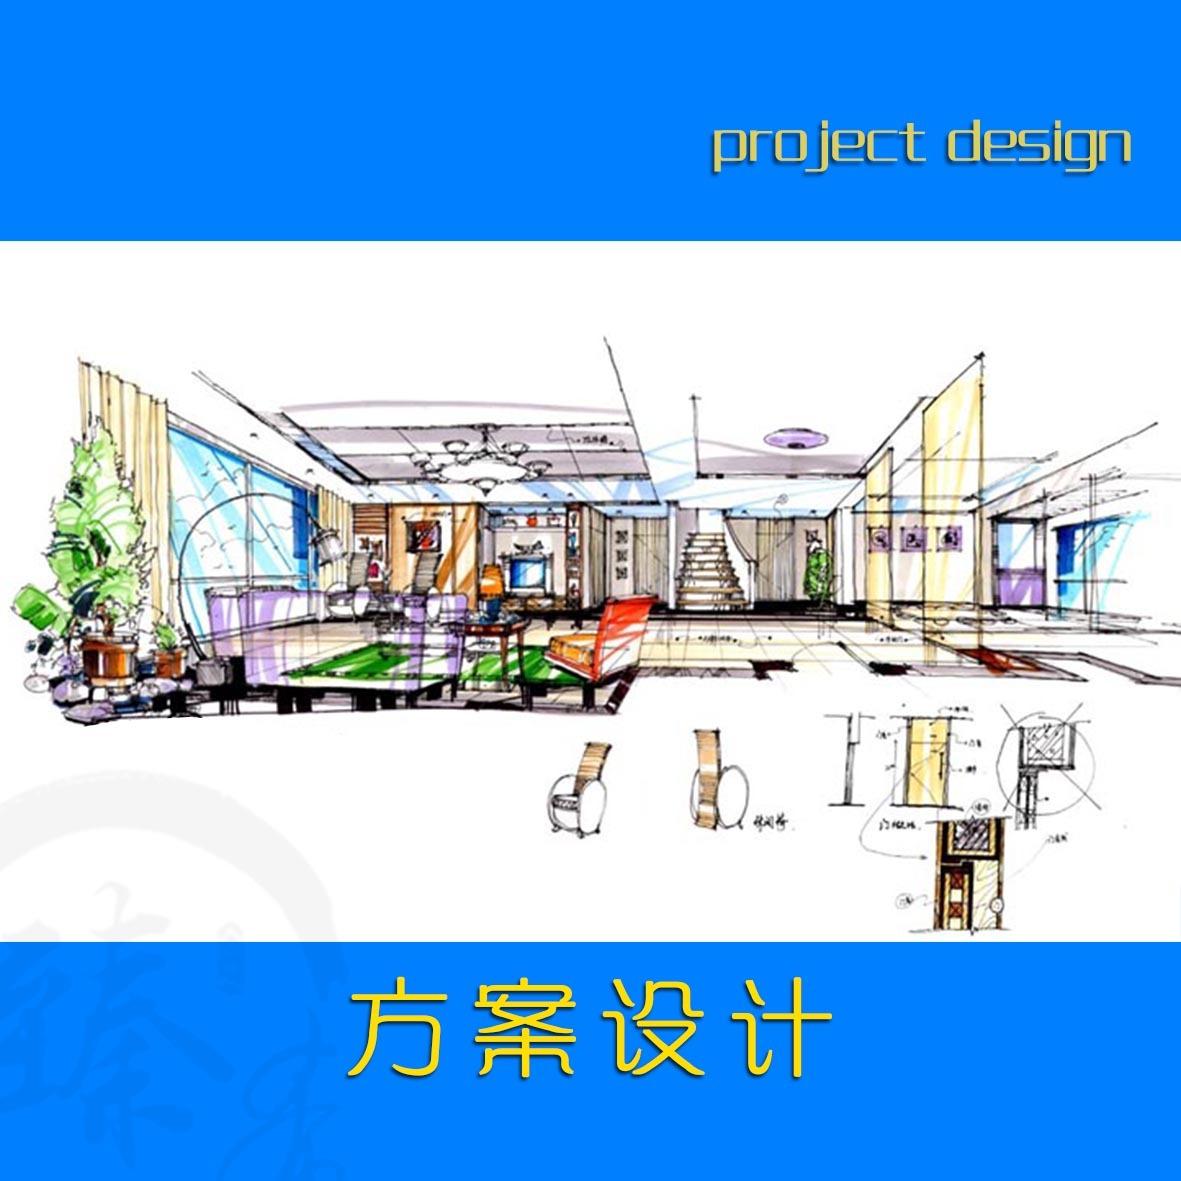 装饰装修方案设计手绘设计草图设计方案构思设计意向方案设计